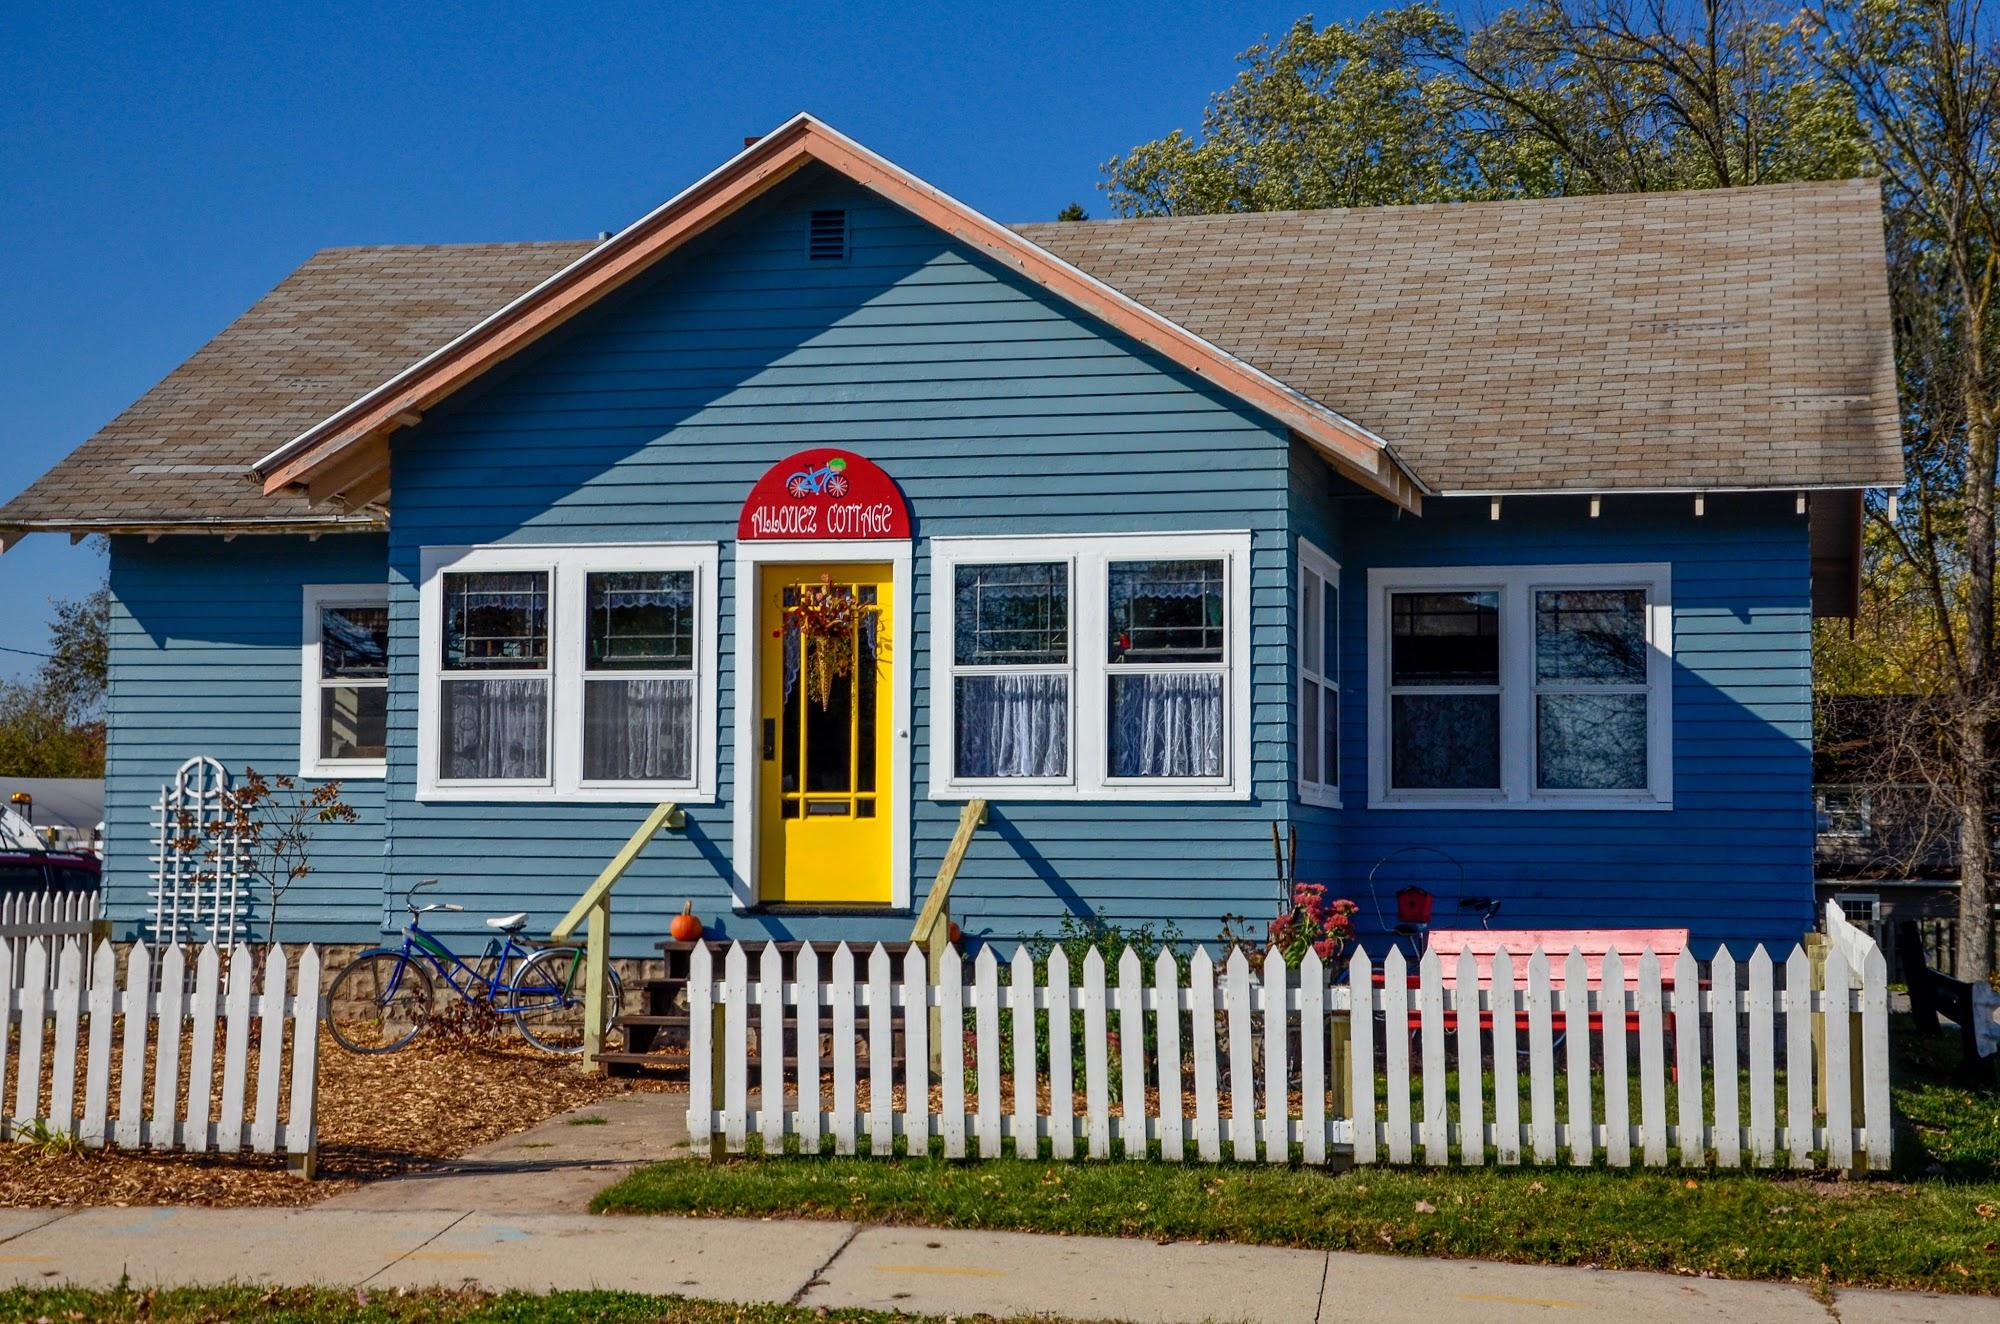 Allouez Cottage 1510 S Webster Ave, Green Bay